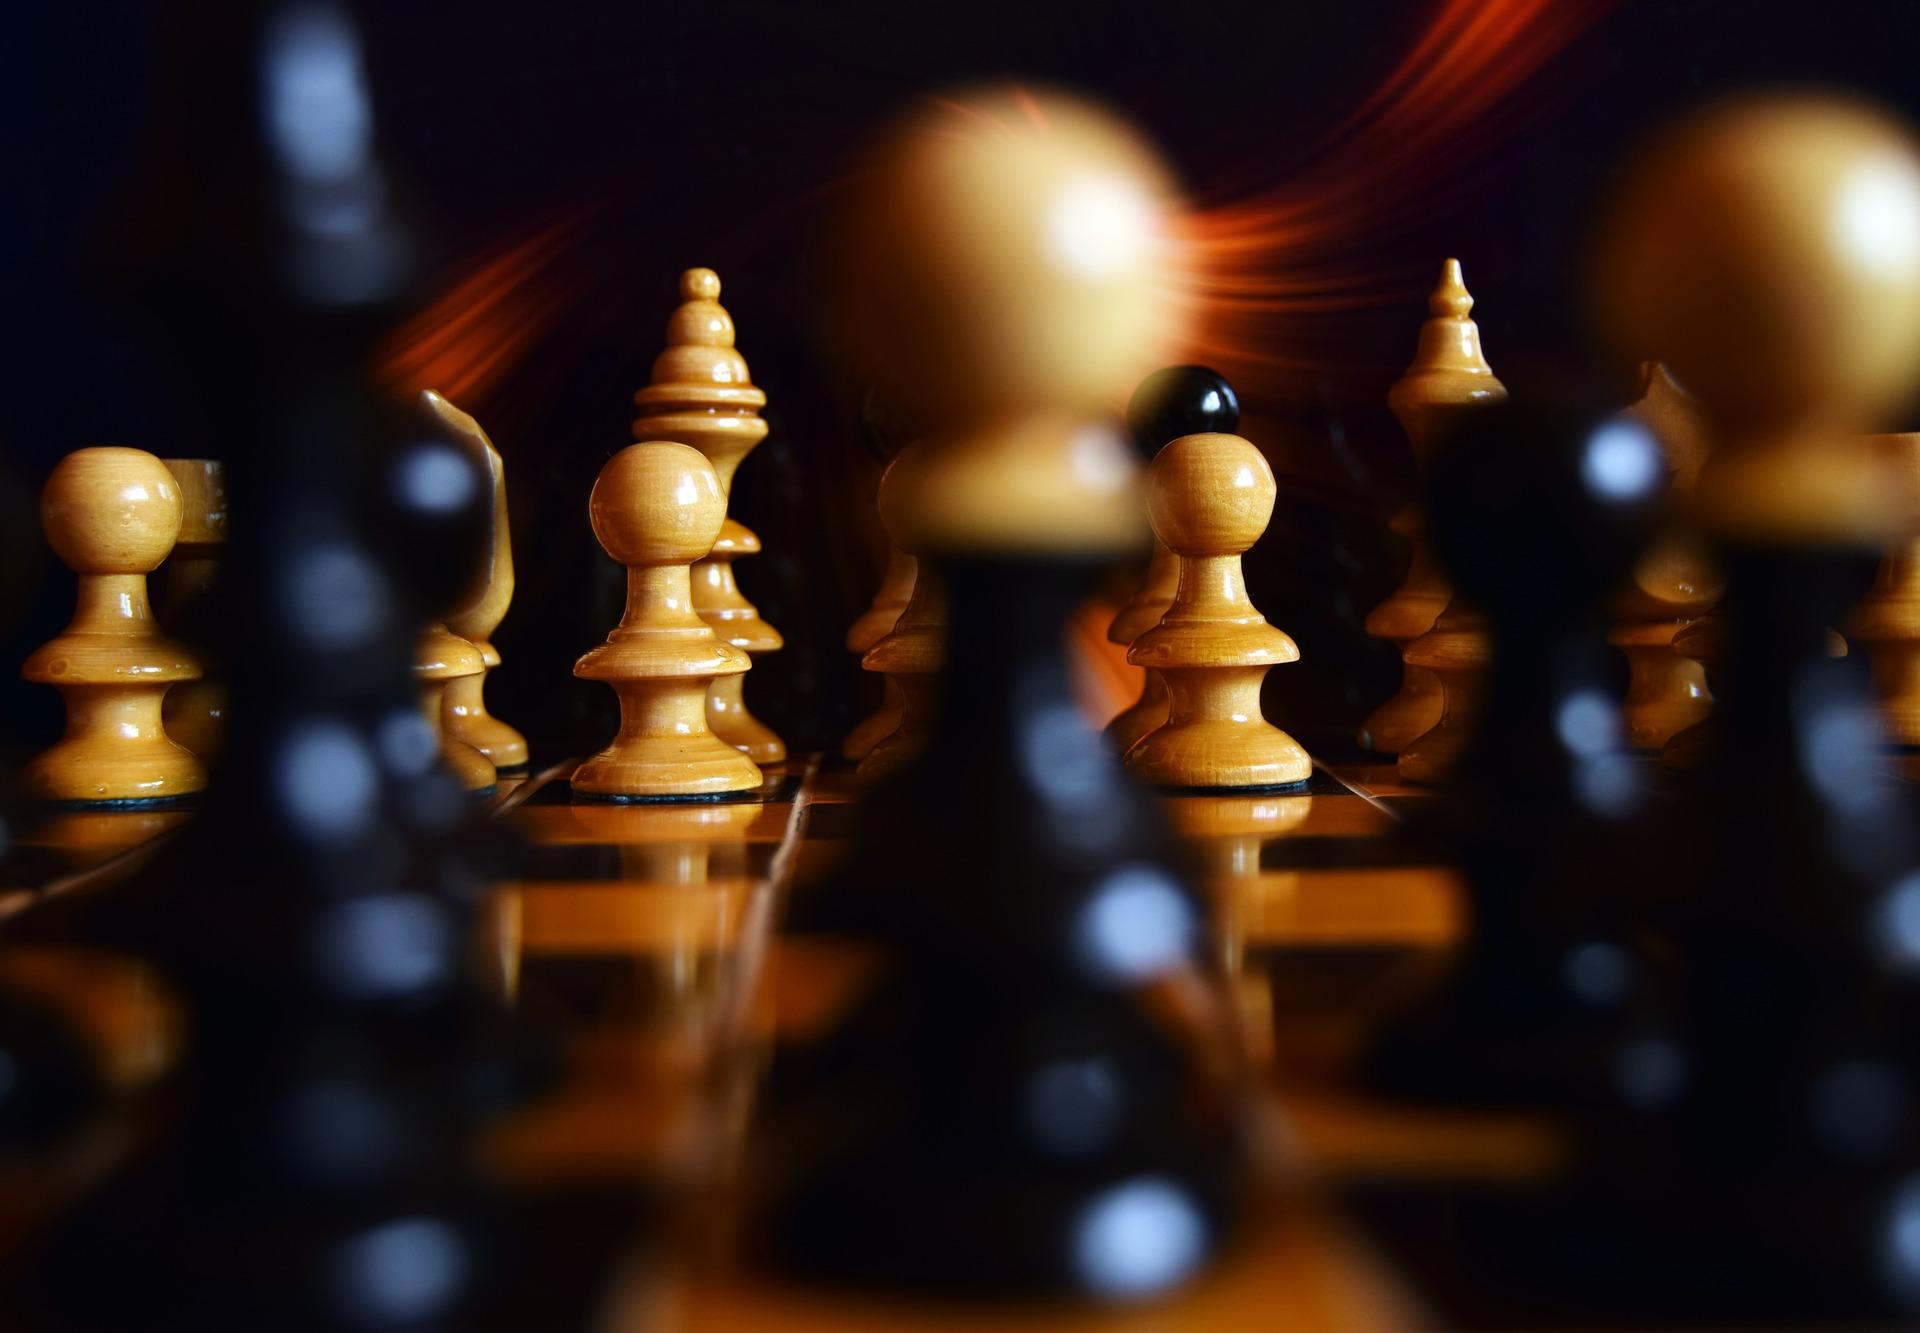 Planen Sie Ihren nächsten Schachzug sorgfältig. Er kann über Sieg oder Niederlage entscheiden.